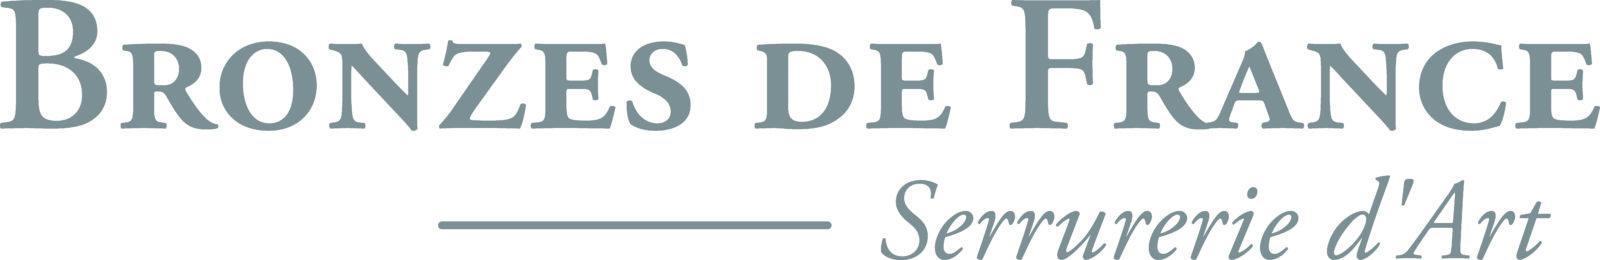 logo bronzes de france